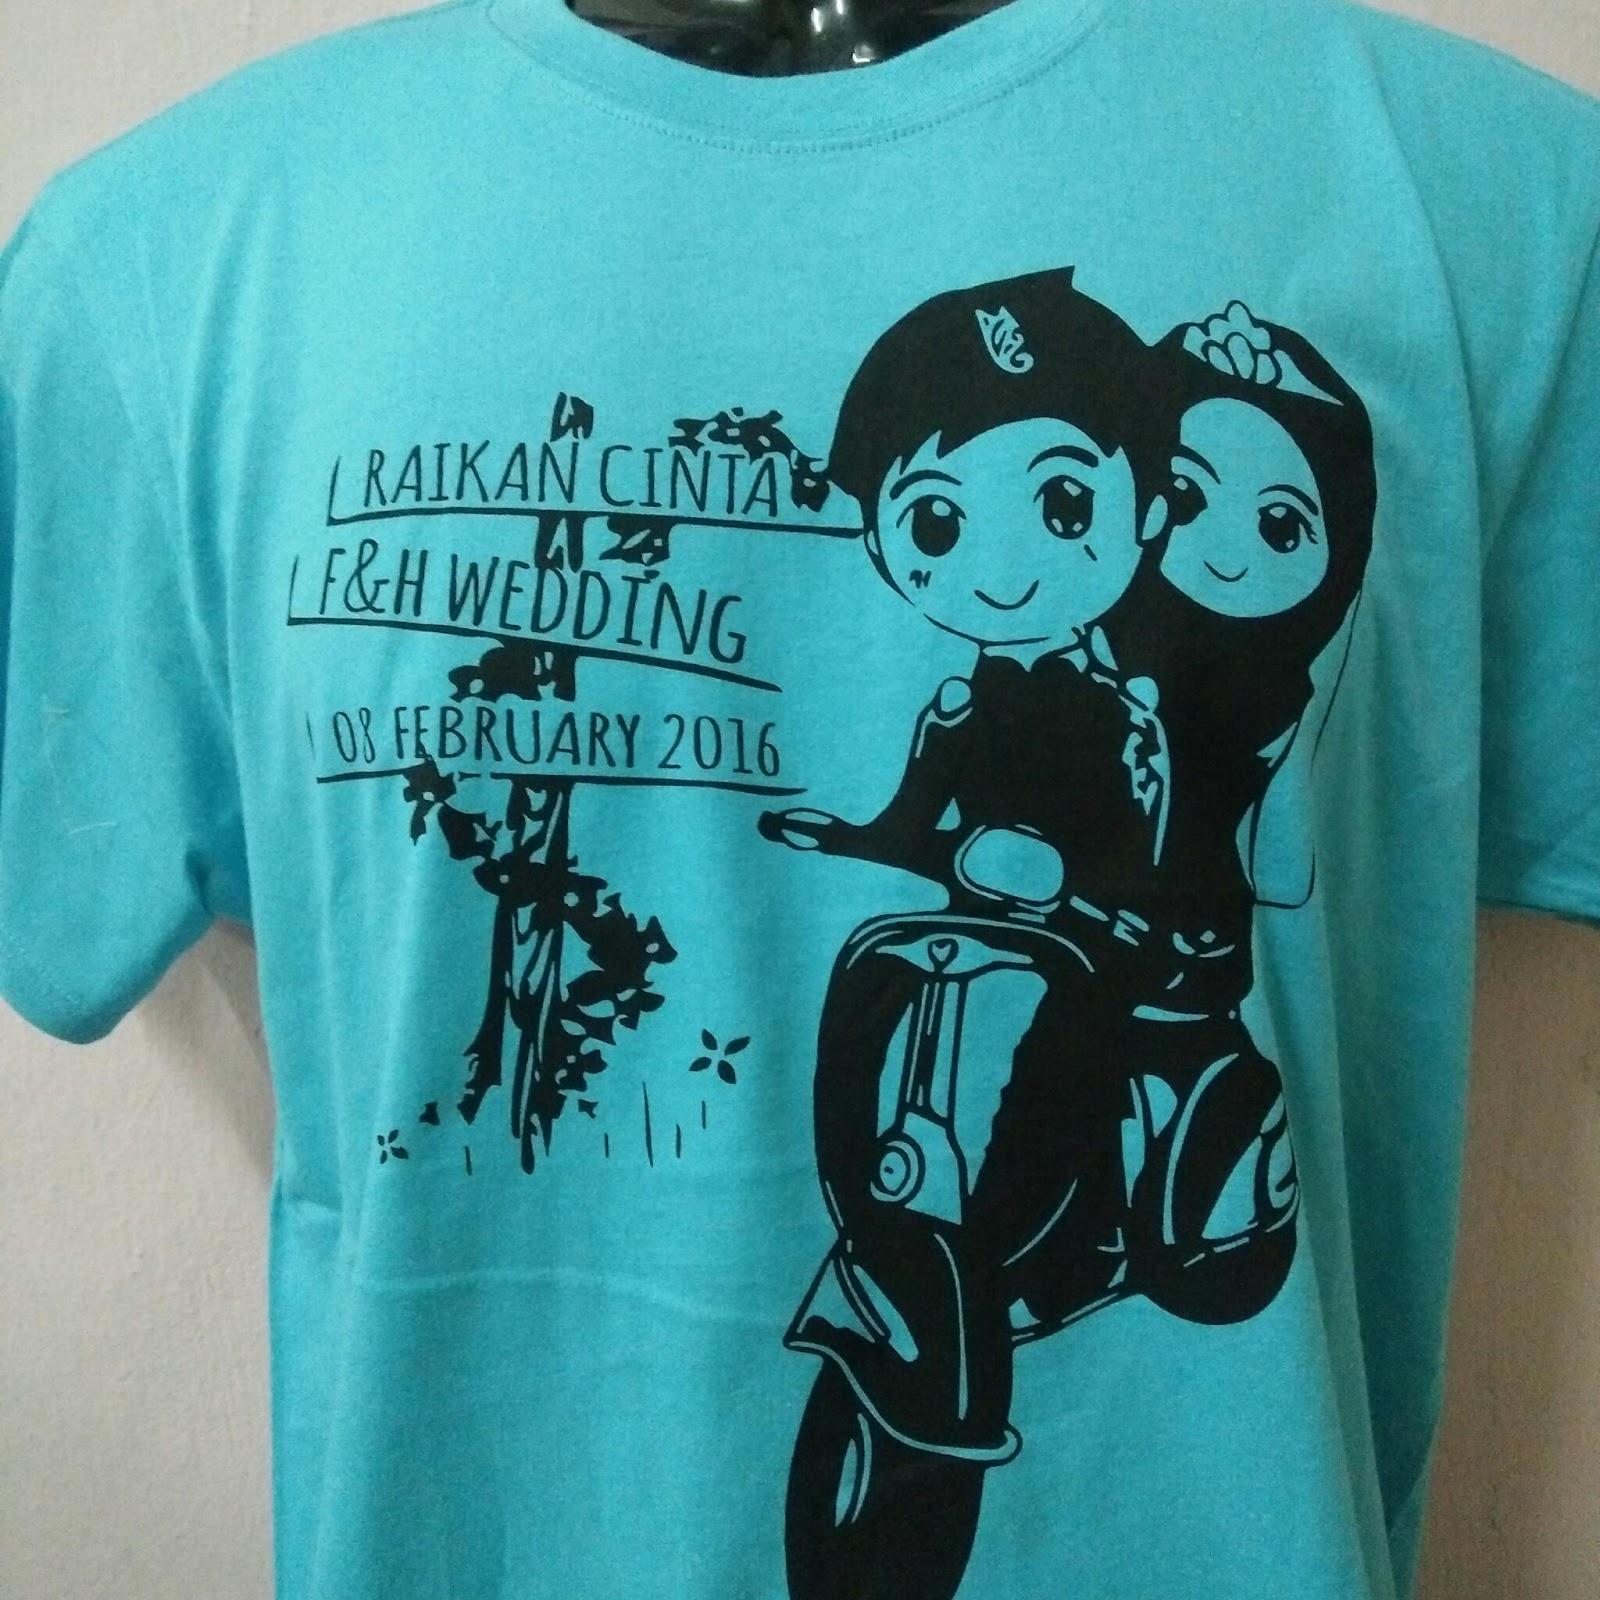 Design t shirt murah - Penghantaran Tshirt Ke Seluruh Malaysia Dengan Harga Yang Murah Kualiti Dijamin